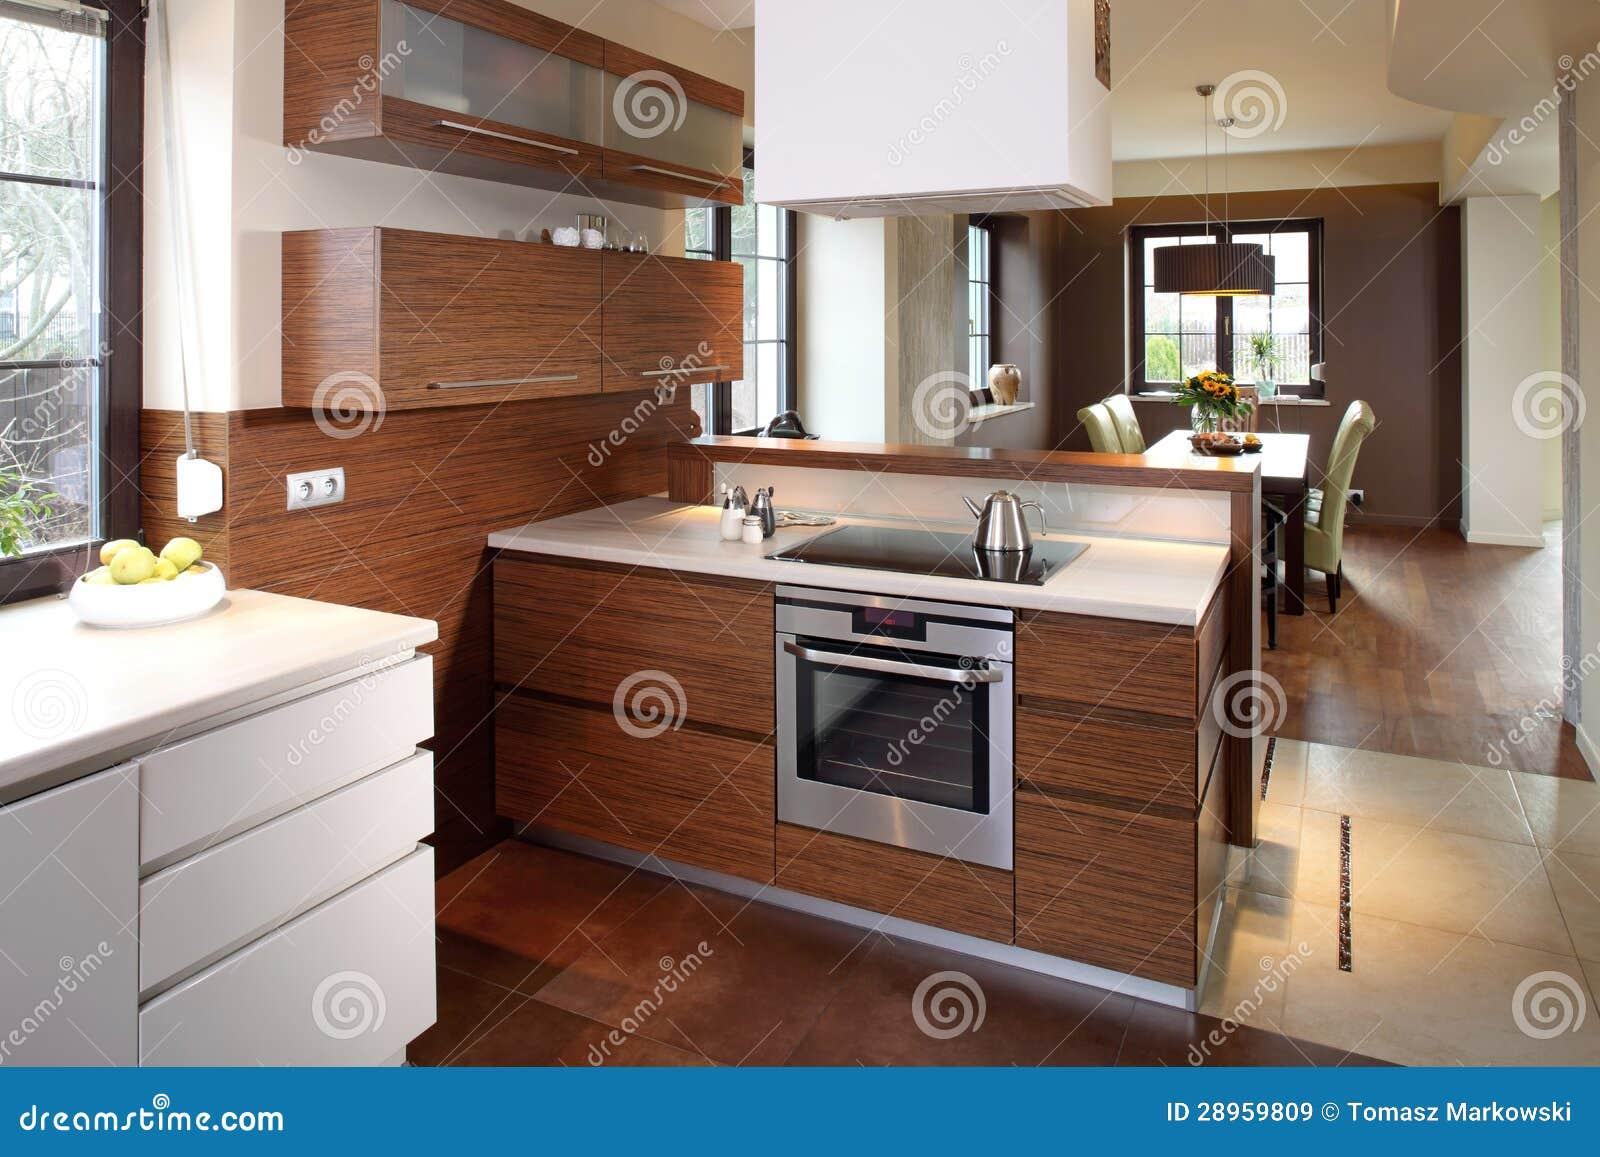 Cozinha Moderna Imagens de Stock Royalty Free Imagem: 28959809 #81A229 1300 957